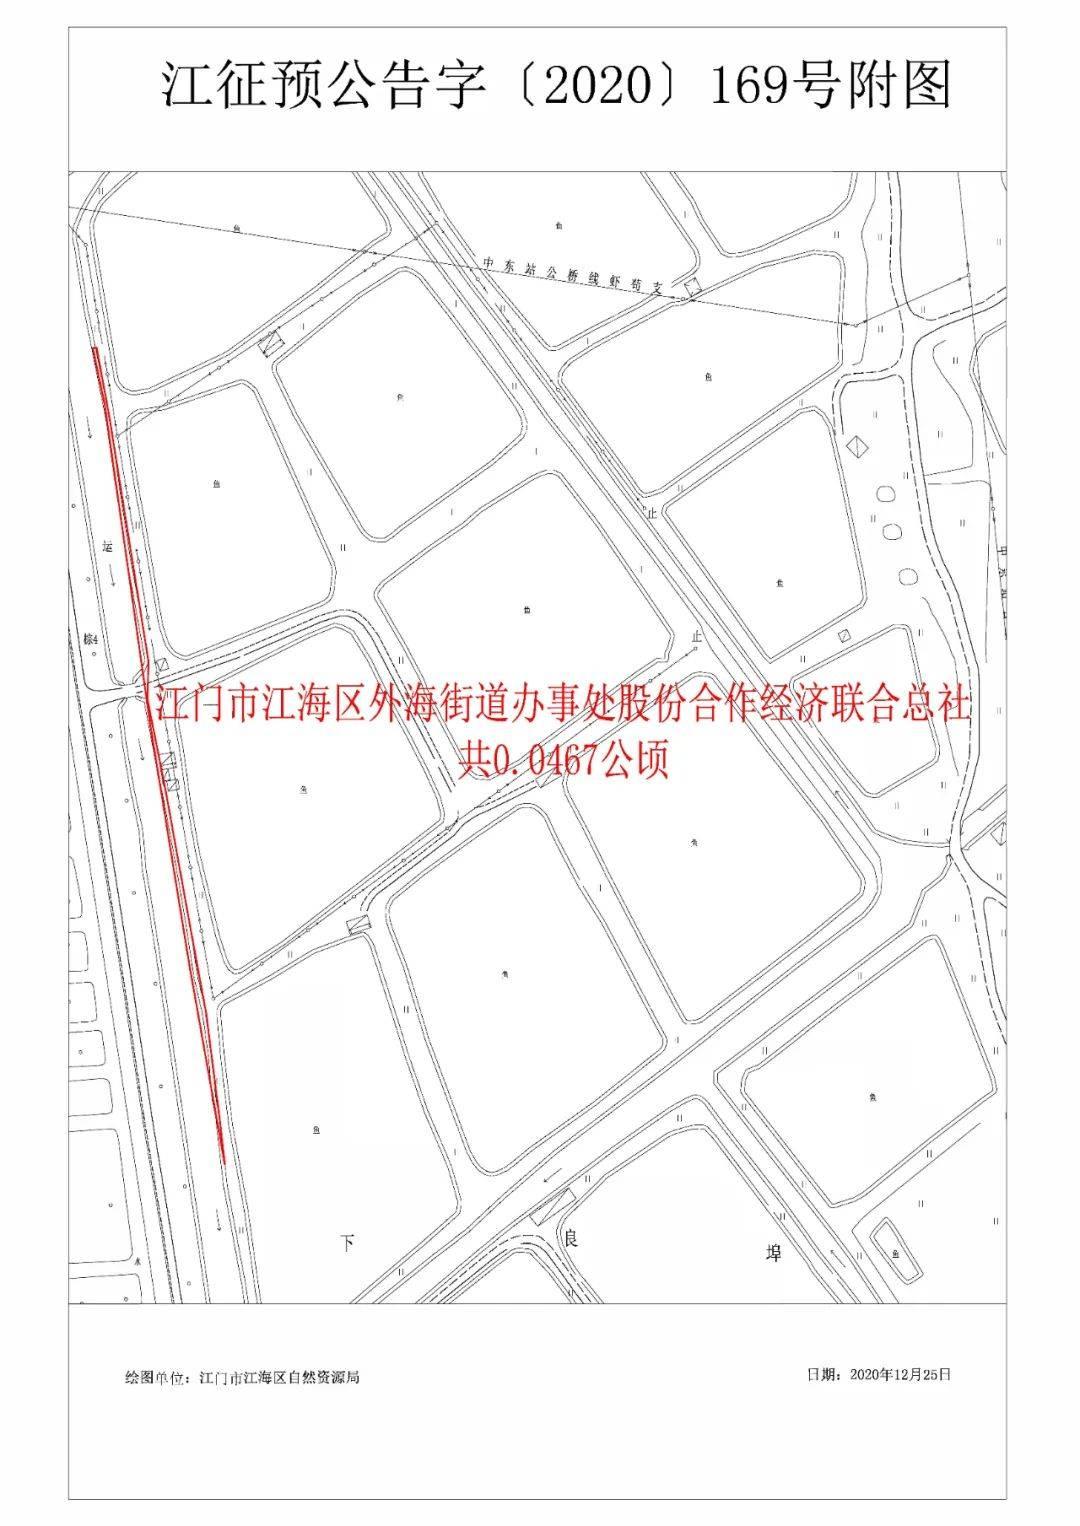 拟征收土地公告——江海区2019年度第七批次